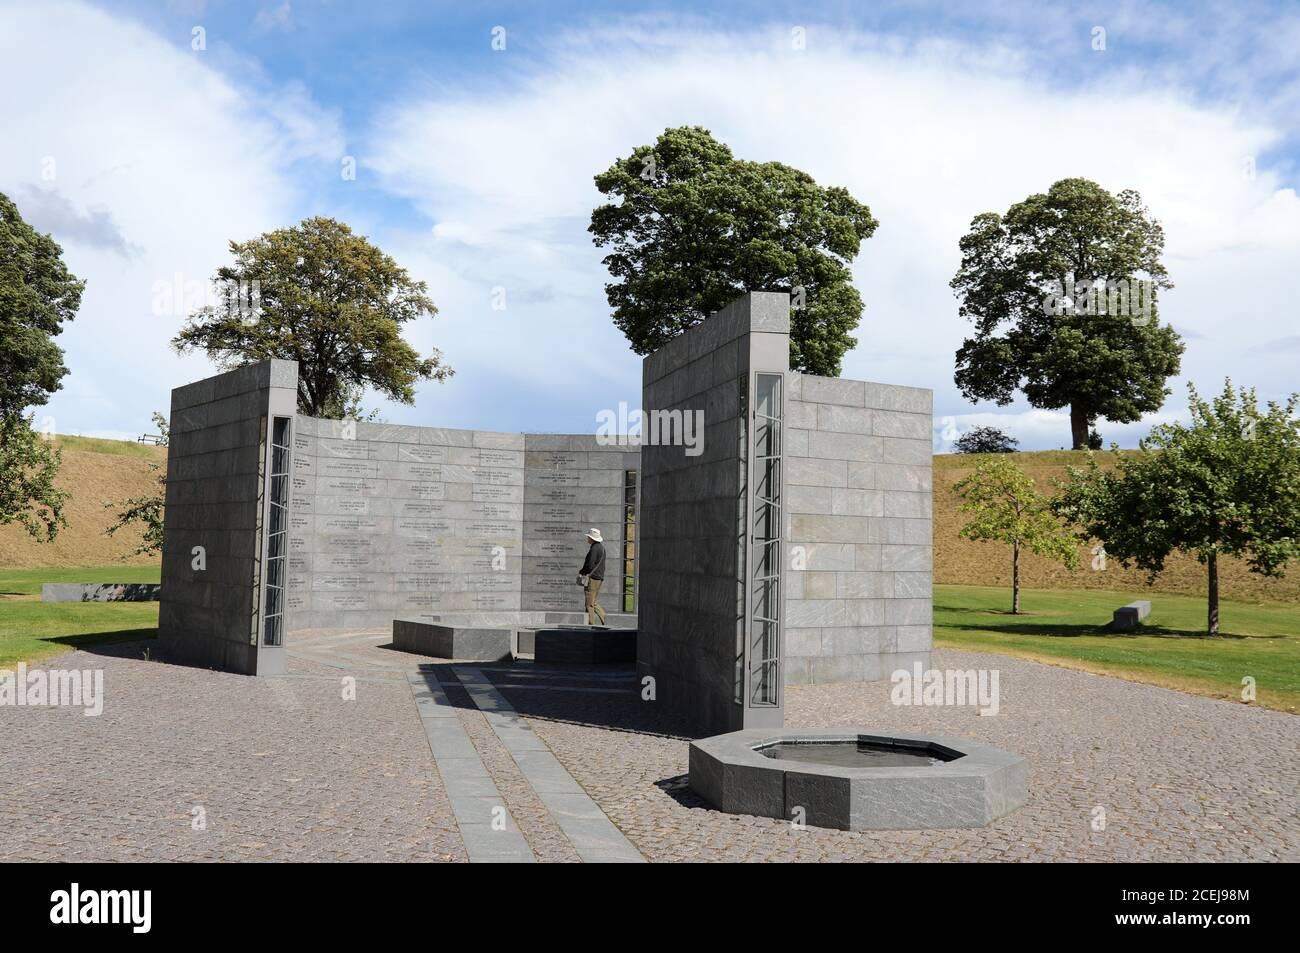 Kastellet Memorial al esfuerzo Internacional desde 1948 en Copenhague Foto de stock